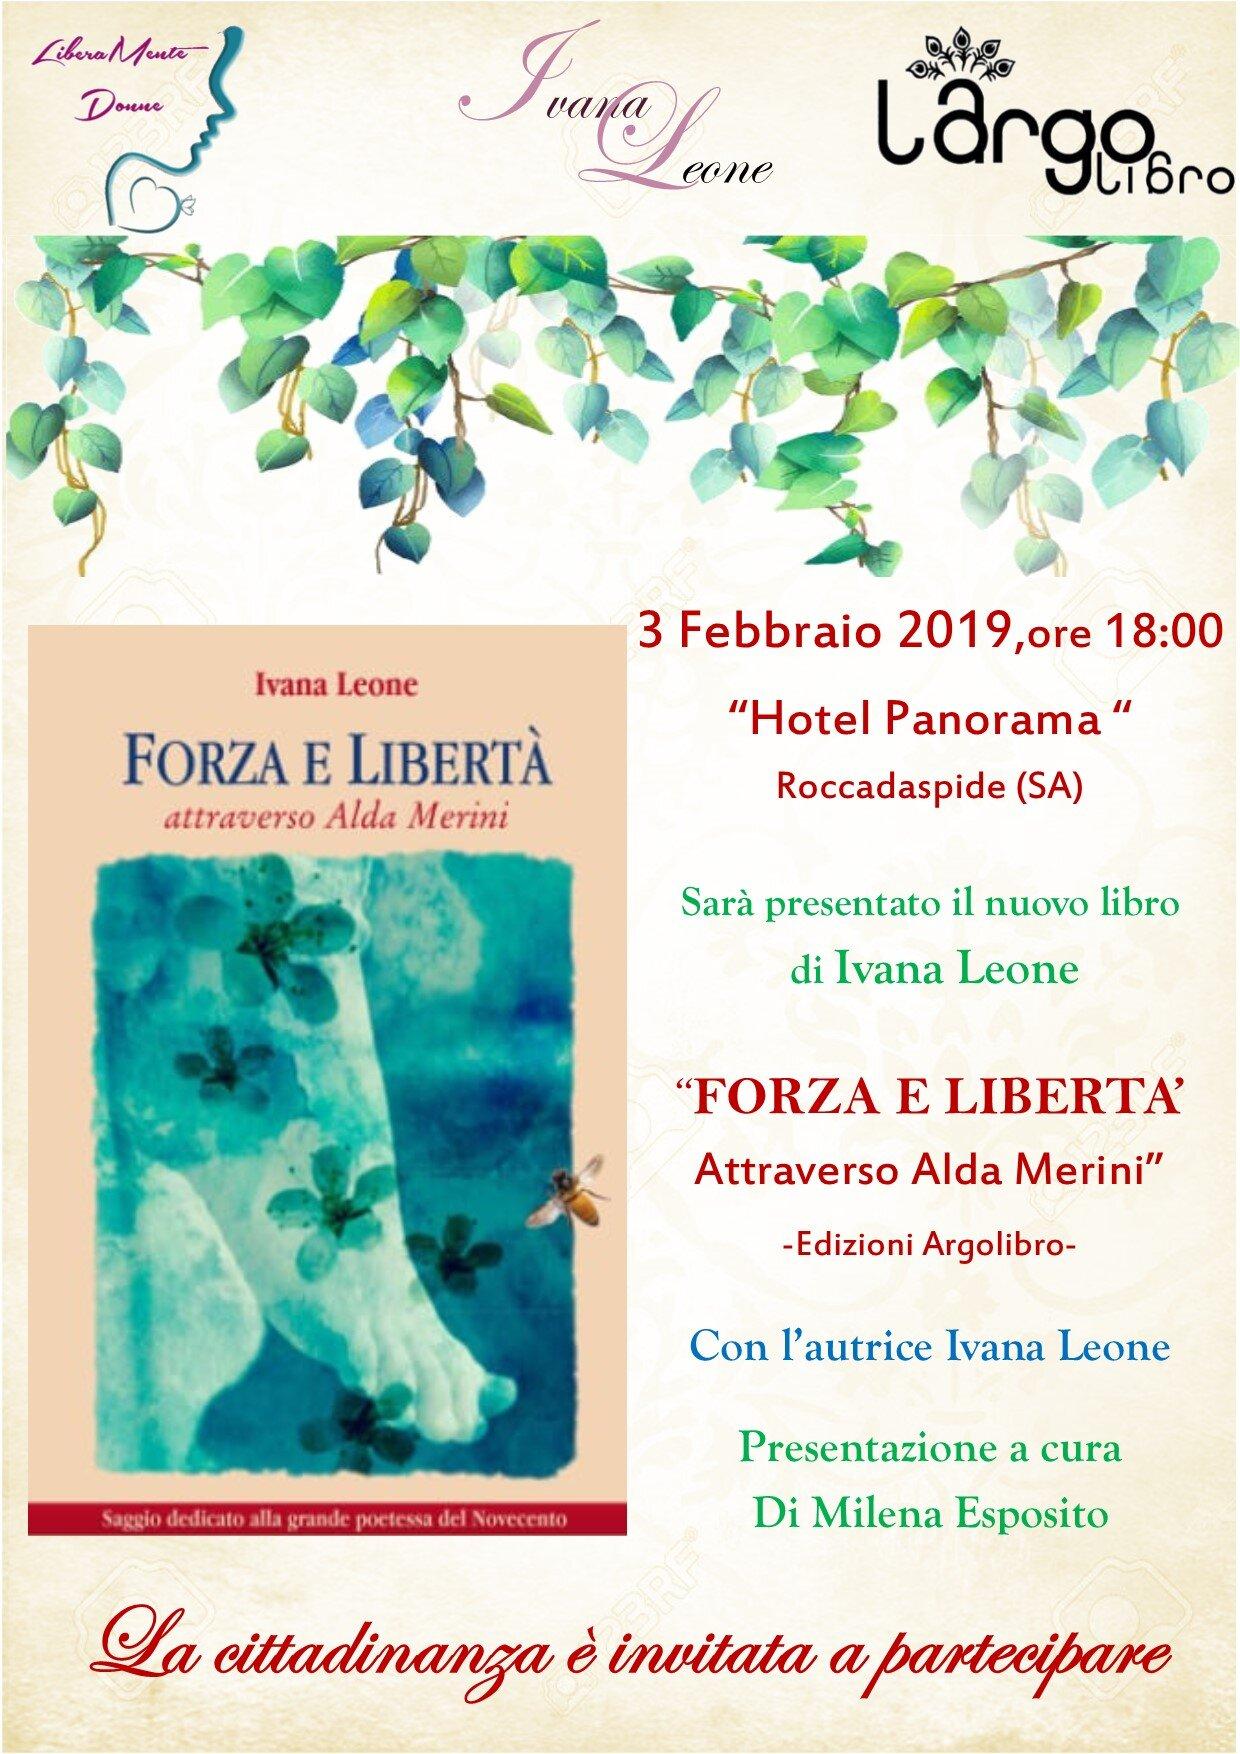 Forza e libertà Ivana Leone